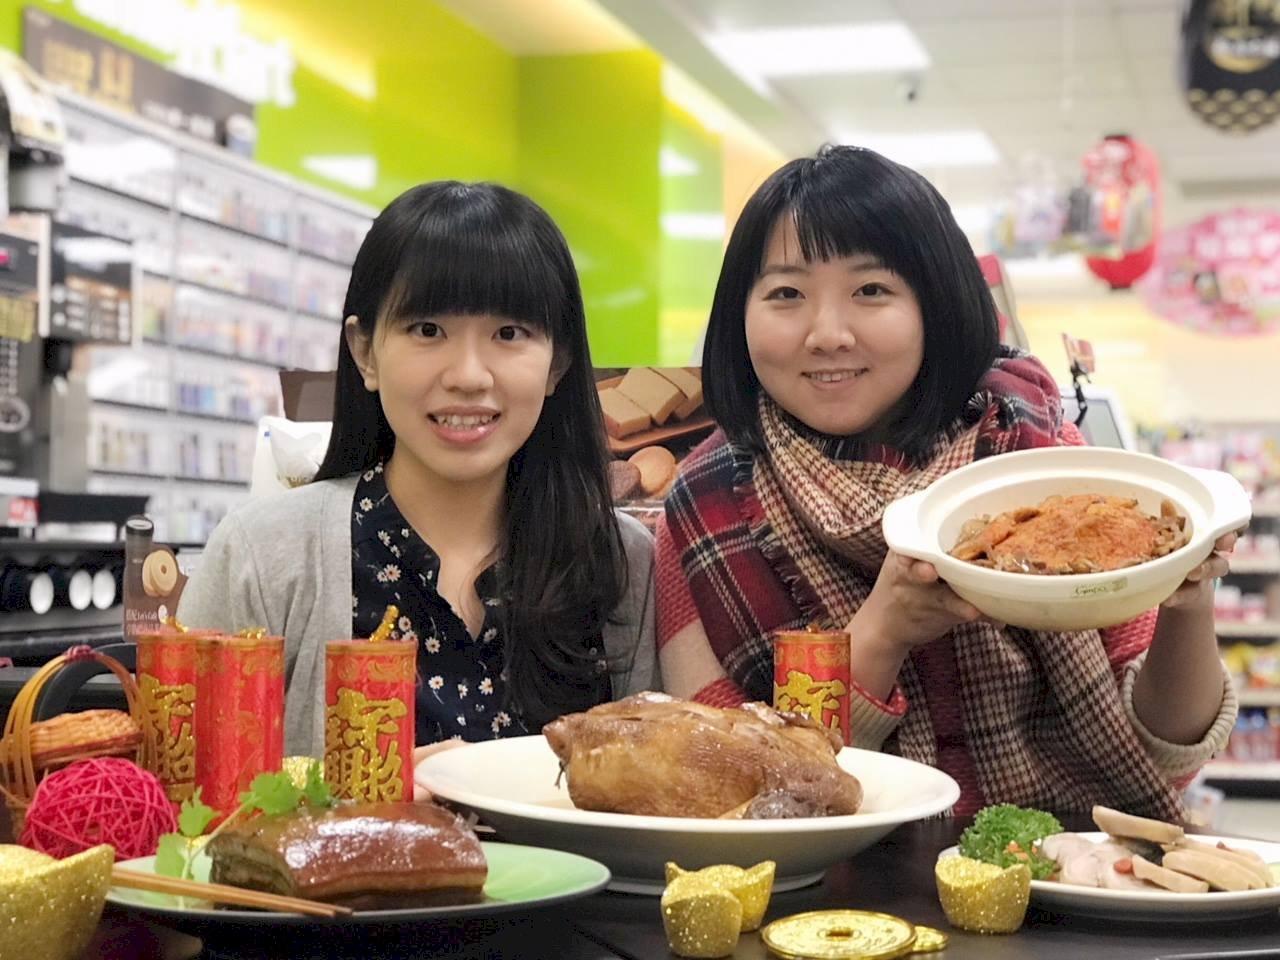 年菜日常化 超商預購暴增3成 最愛佛跳牆